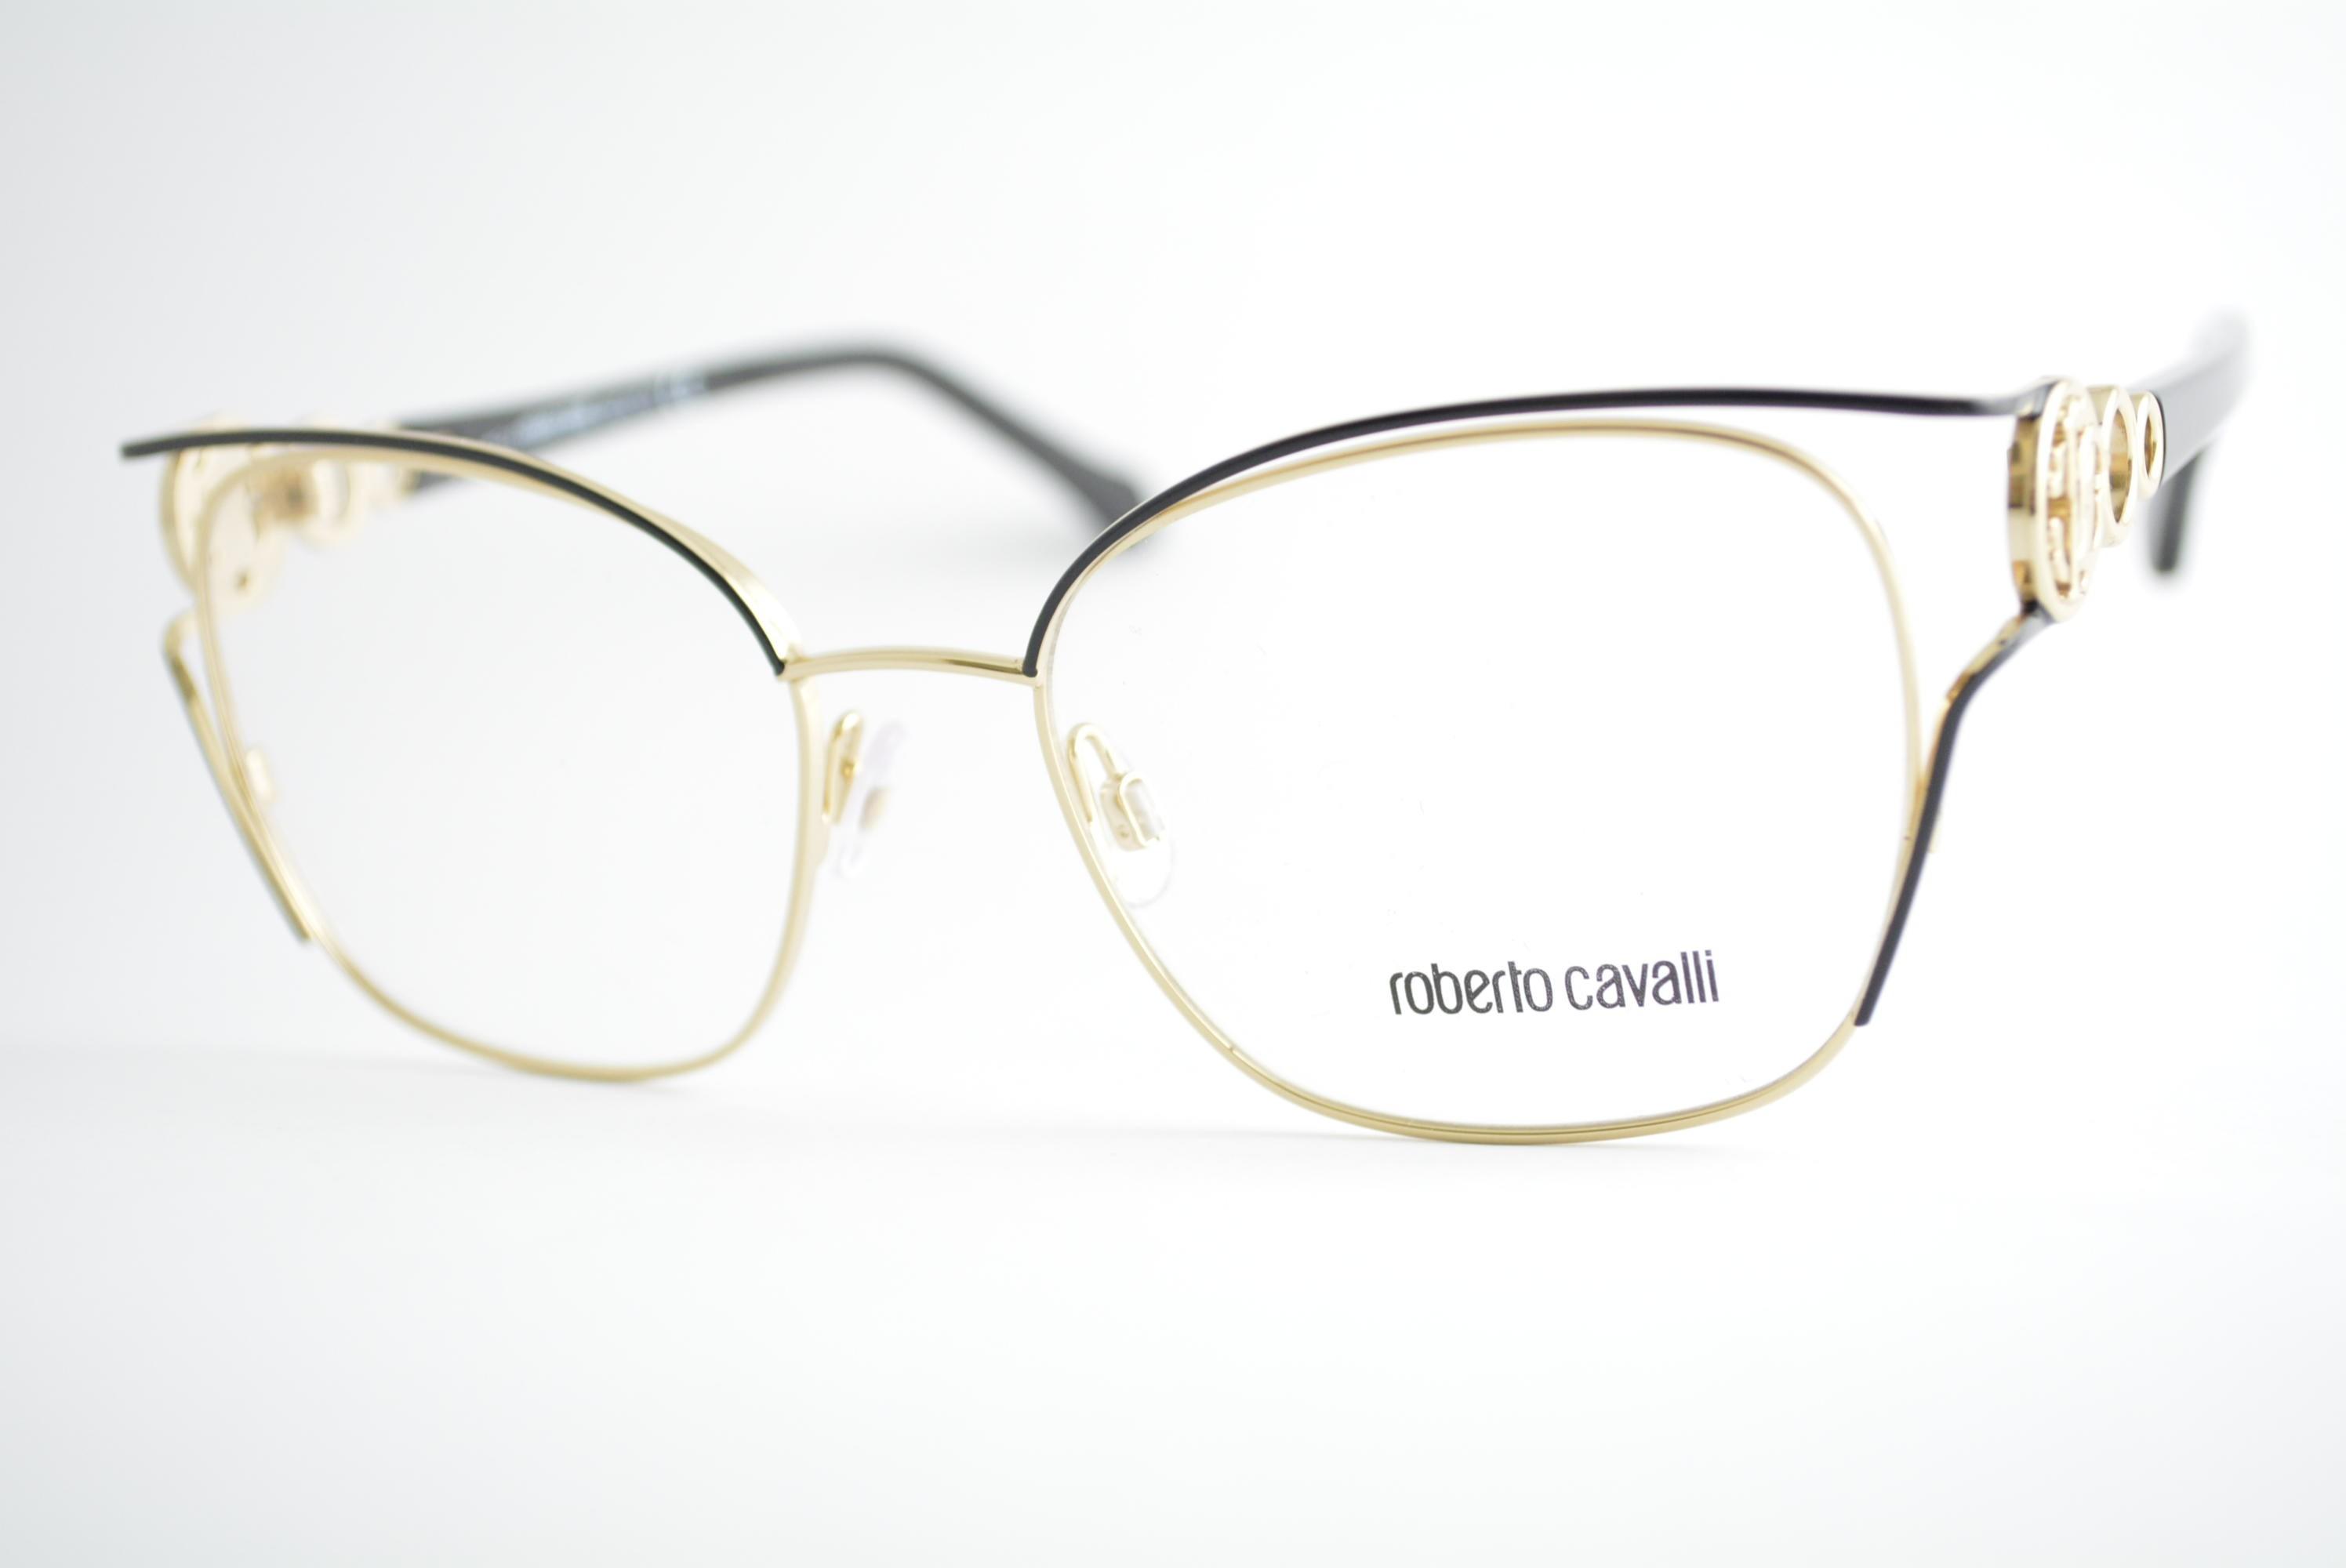 armação de óculos Roberto Cavalli mod 5059 032 Ótica Cardoso c4f915af8a